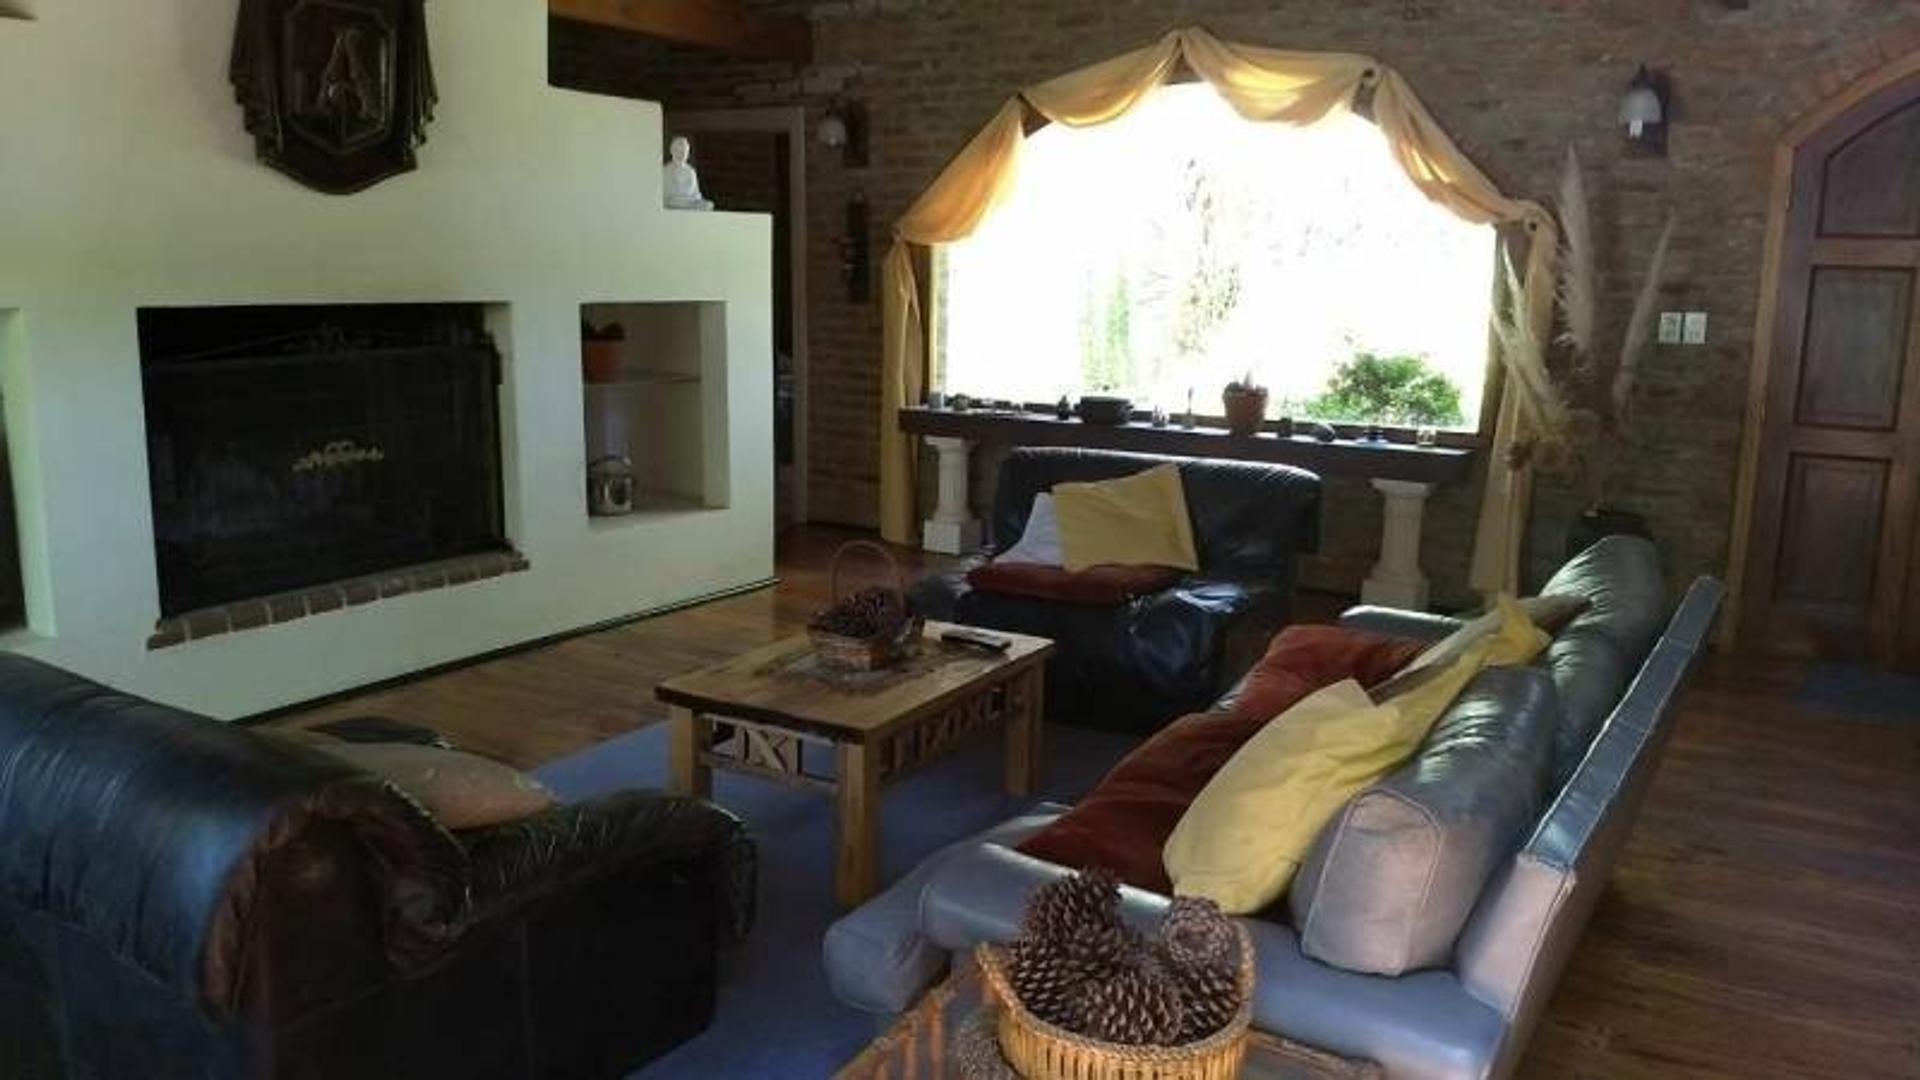 Casa - 170 m²   3 dormitorios   2 baños